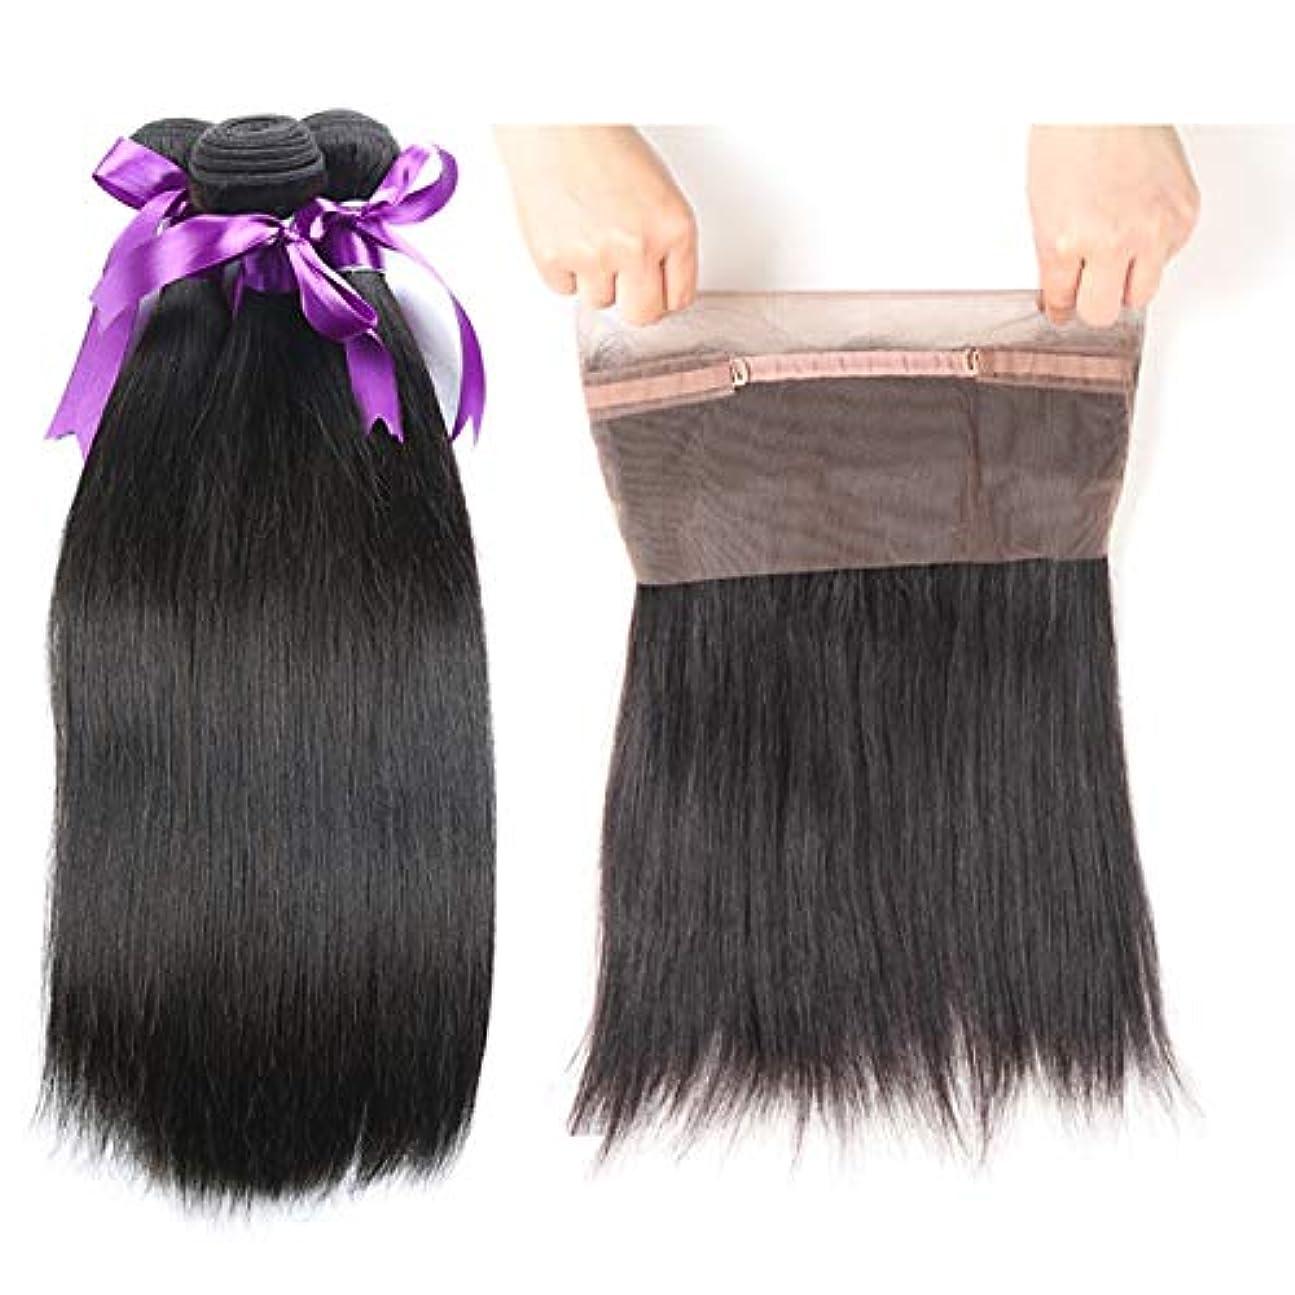 着服植物の振動させるかつら ペルーのストレートボディーヘア360束前頭閉鎖3束人間の髪の毛の束閉鎖Non-Remy (Length : 22 24 26 Closure18)